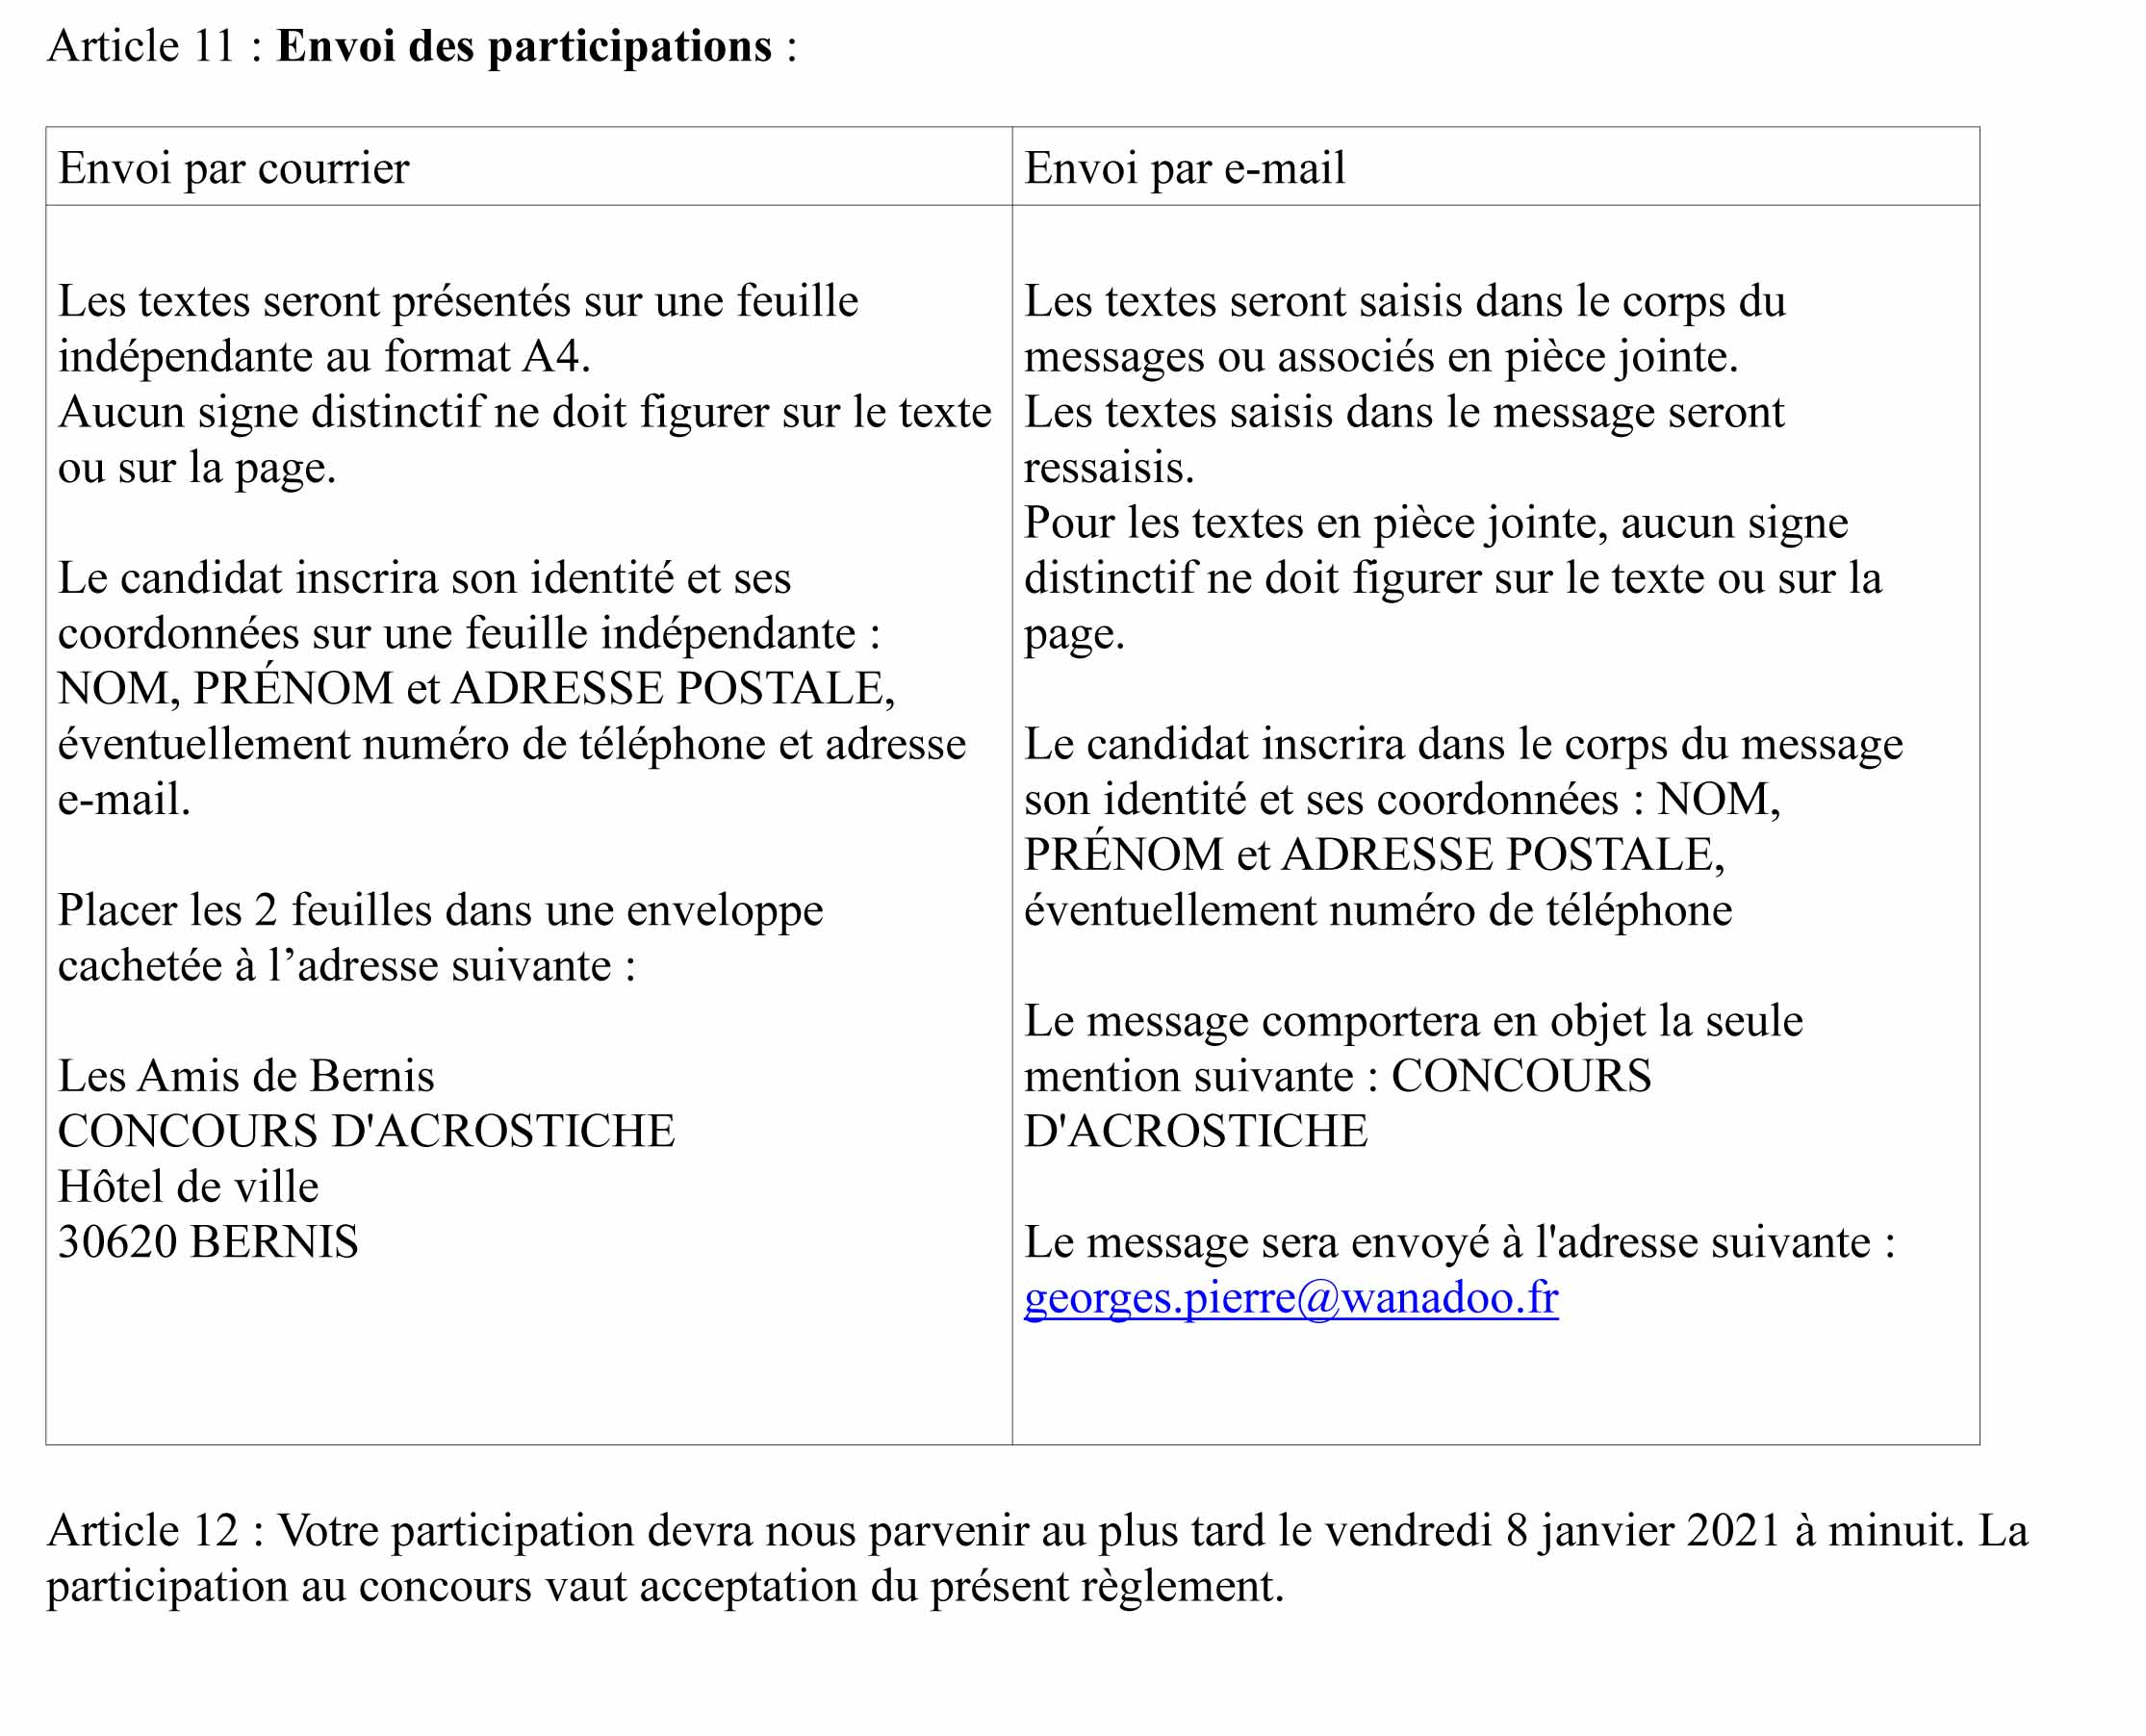 Réglement du concours d_acrostiche-2 copie.jpg